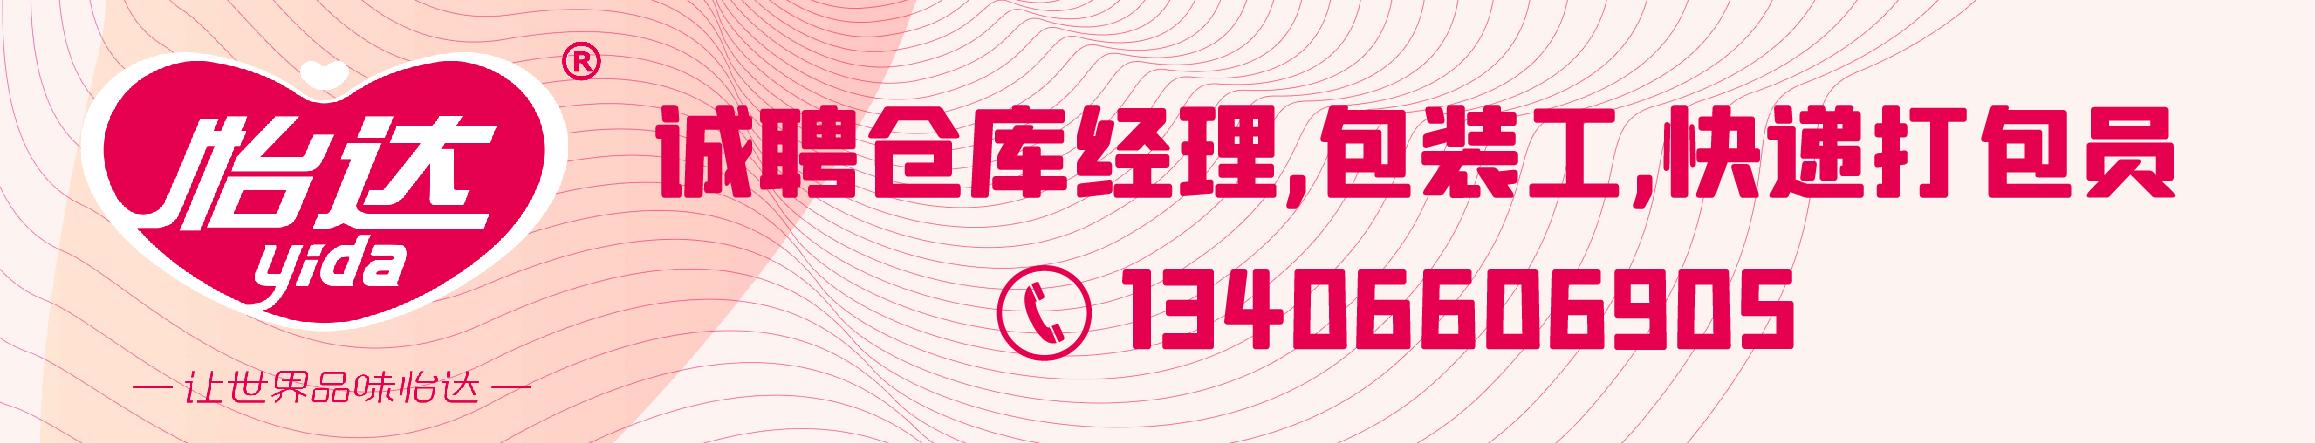 青州市怡達山楂食品有限公司